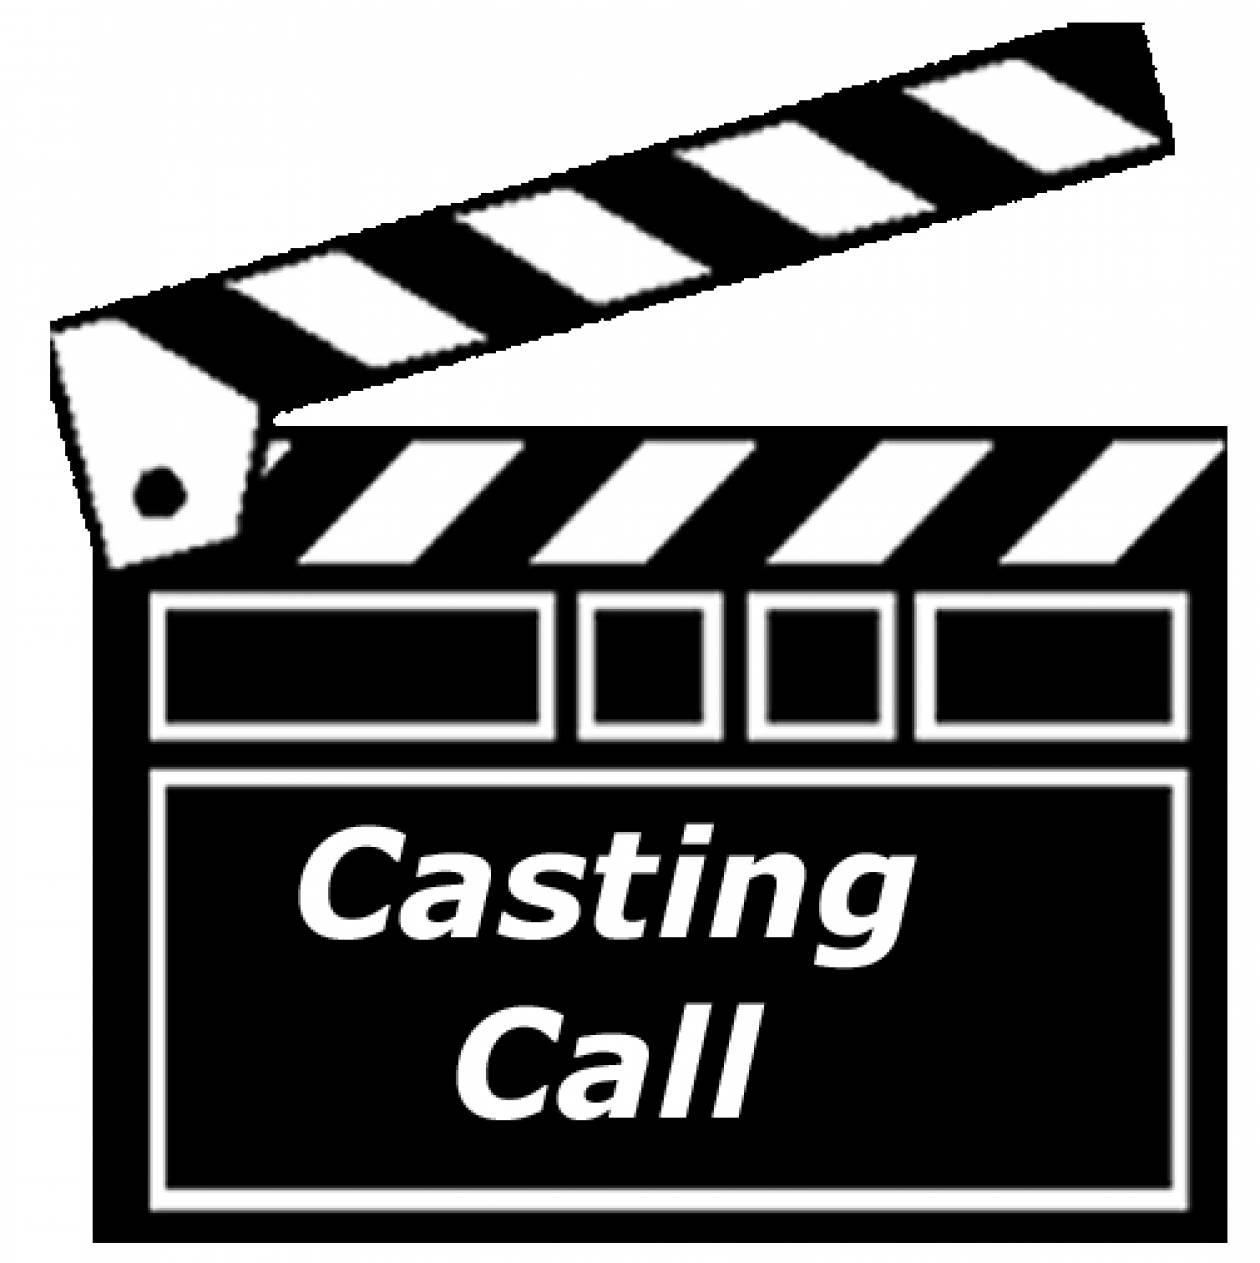 Ζητούνται ηθοποιοί για τη νέα ταινία των Κωστόπουλου - Βαζάκα